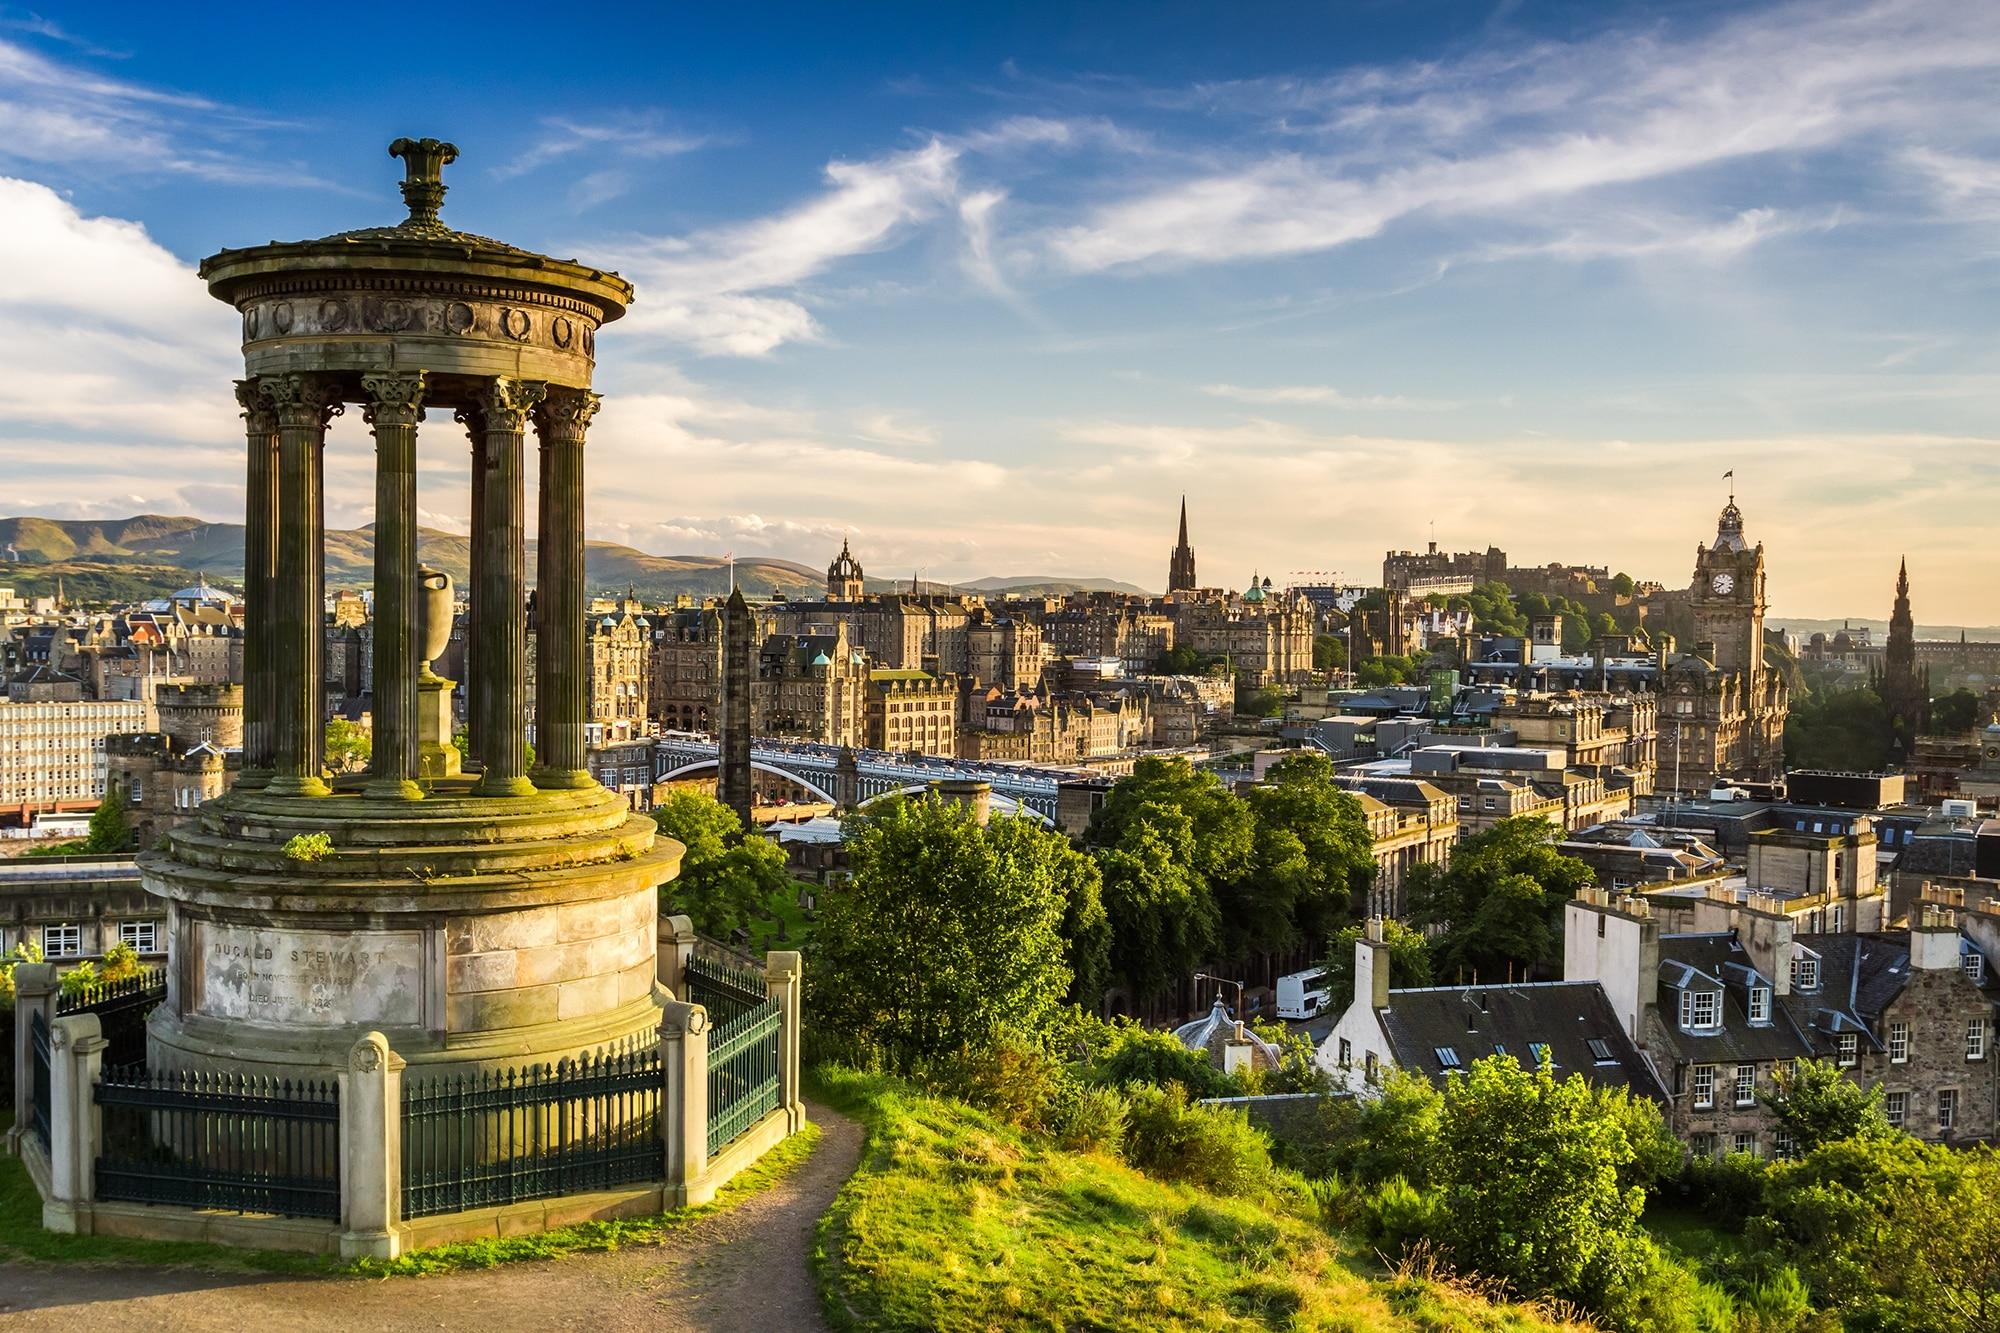 Lieux à visiter en Écosse - Édimbourg